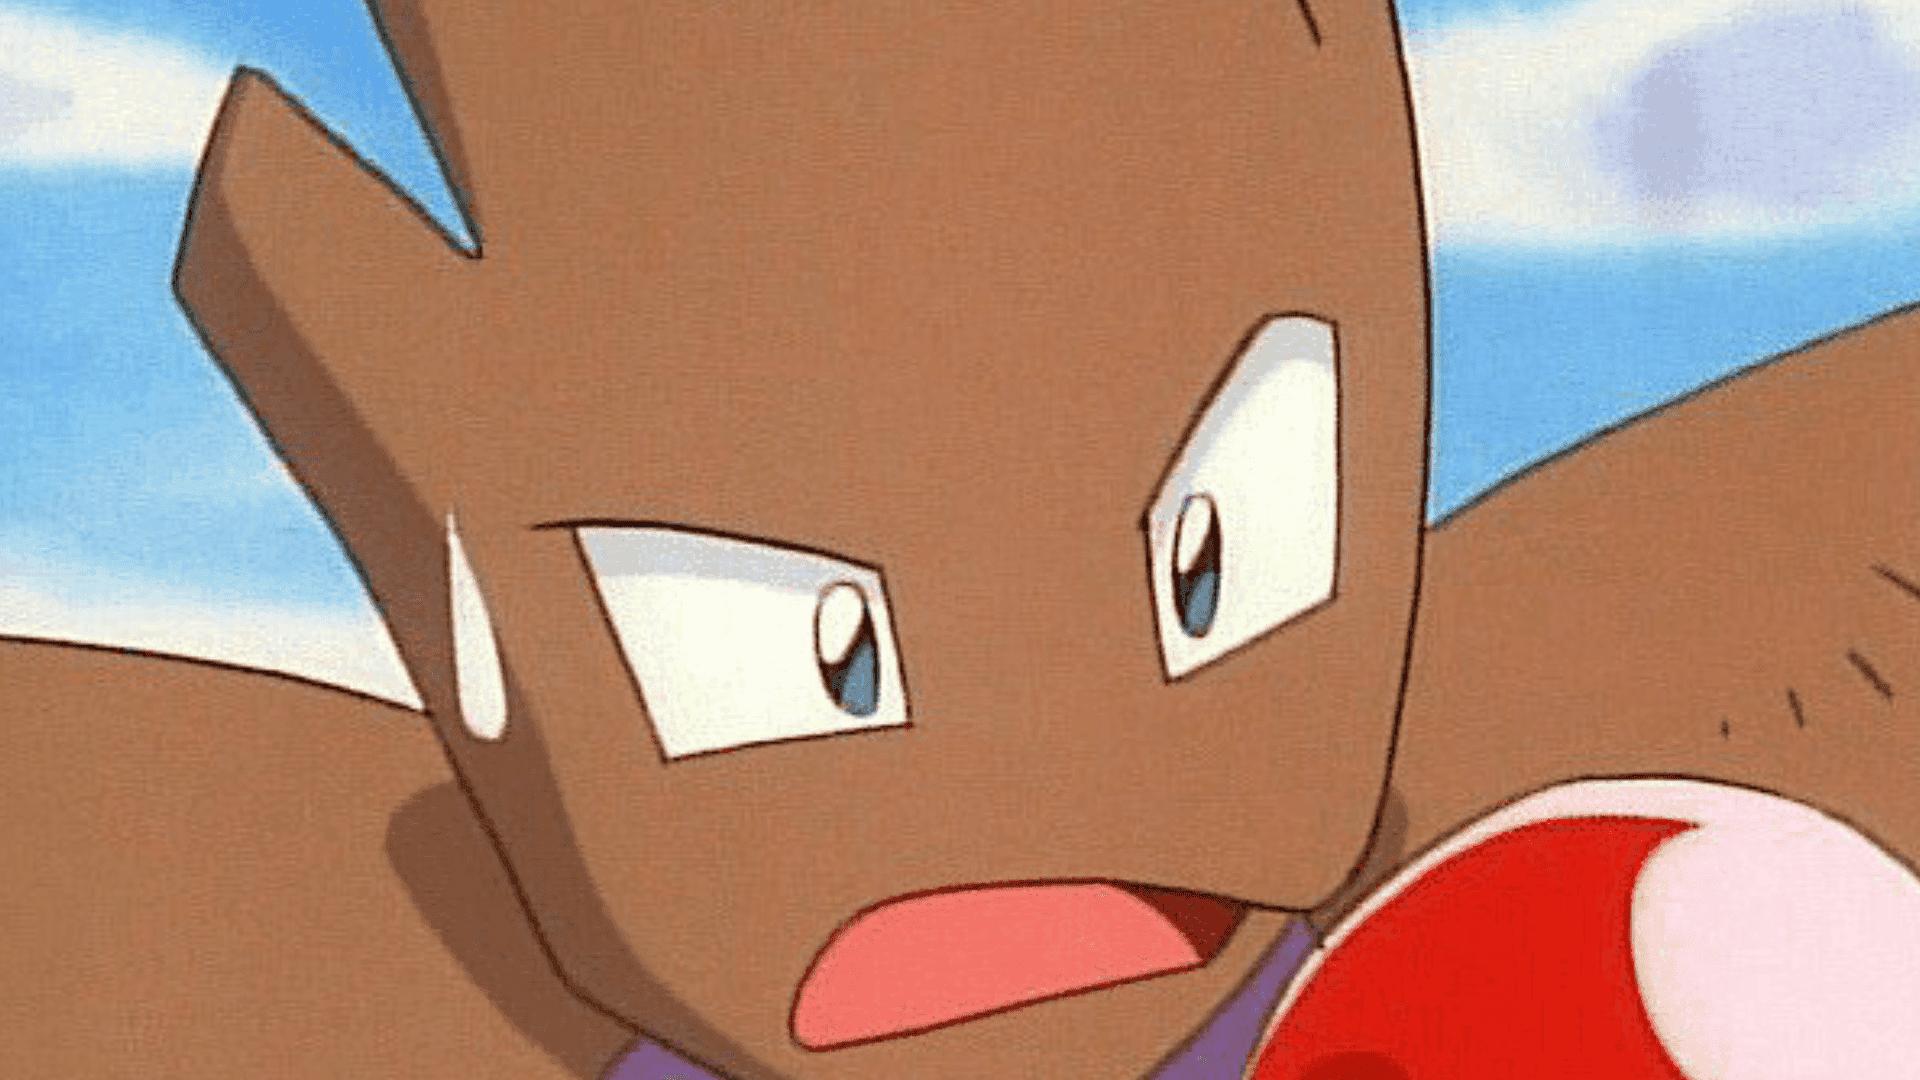 Estos 15 Pokémon podrían recibir una Megaevolución en Pokémon: Let's Go, Pikachu! / Eevee!